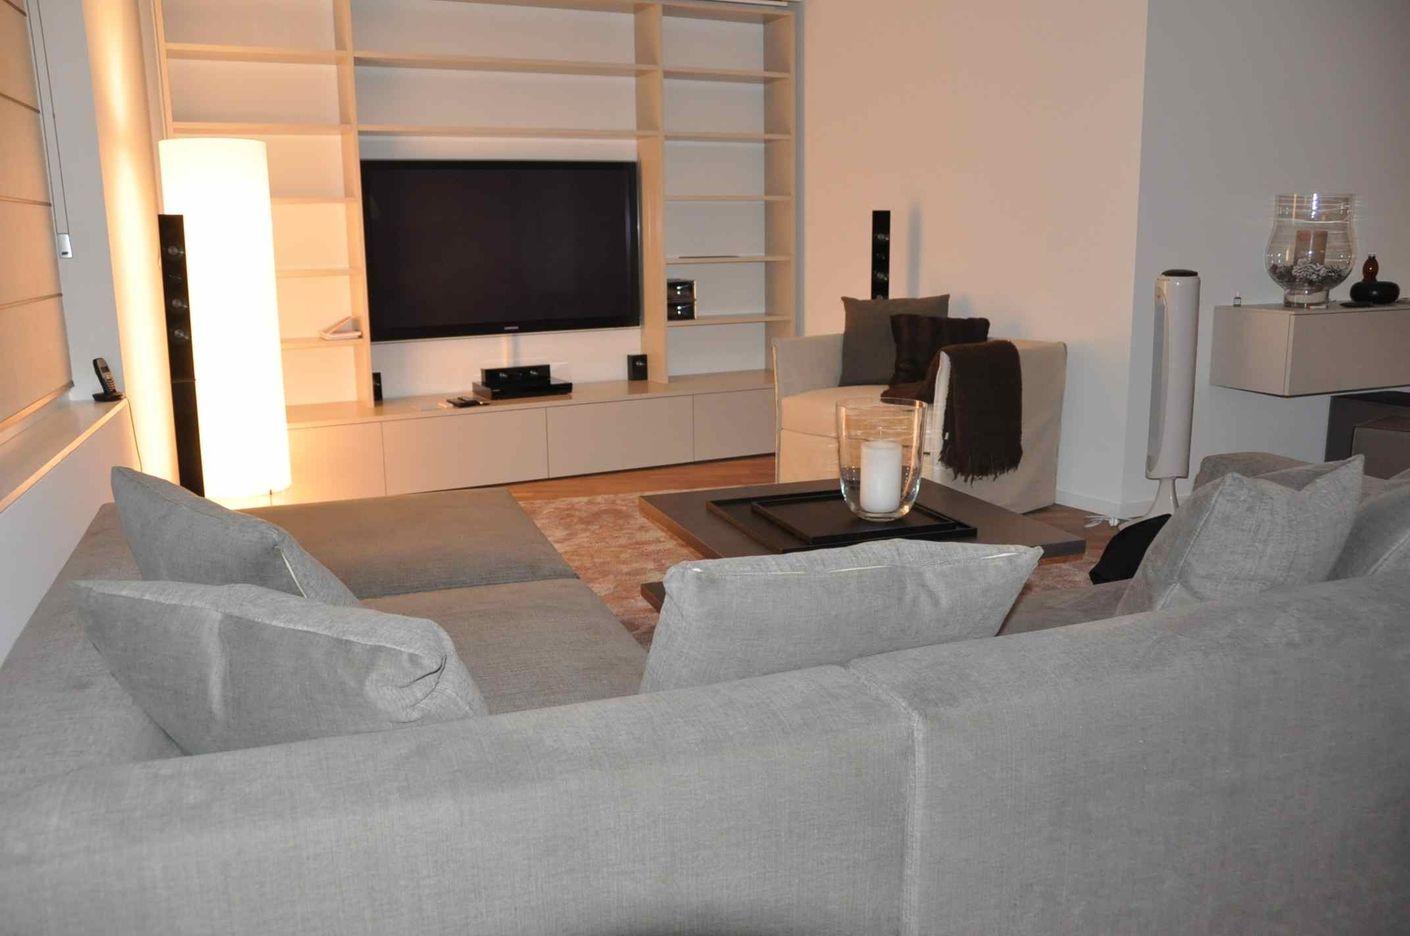 Schlicht und unauffällig präsentiert sich das Regalmöbel im Wohnraum. Passend zum Mobiliar sorgt es für Ambiente und bietet praktischen Stauraum.  Interior Design: www.Livingcube.ch